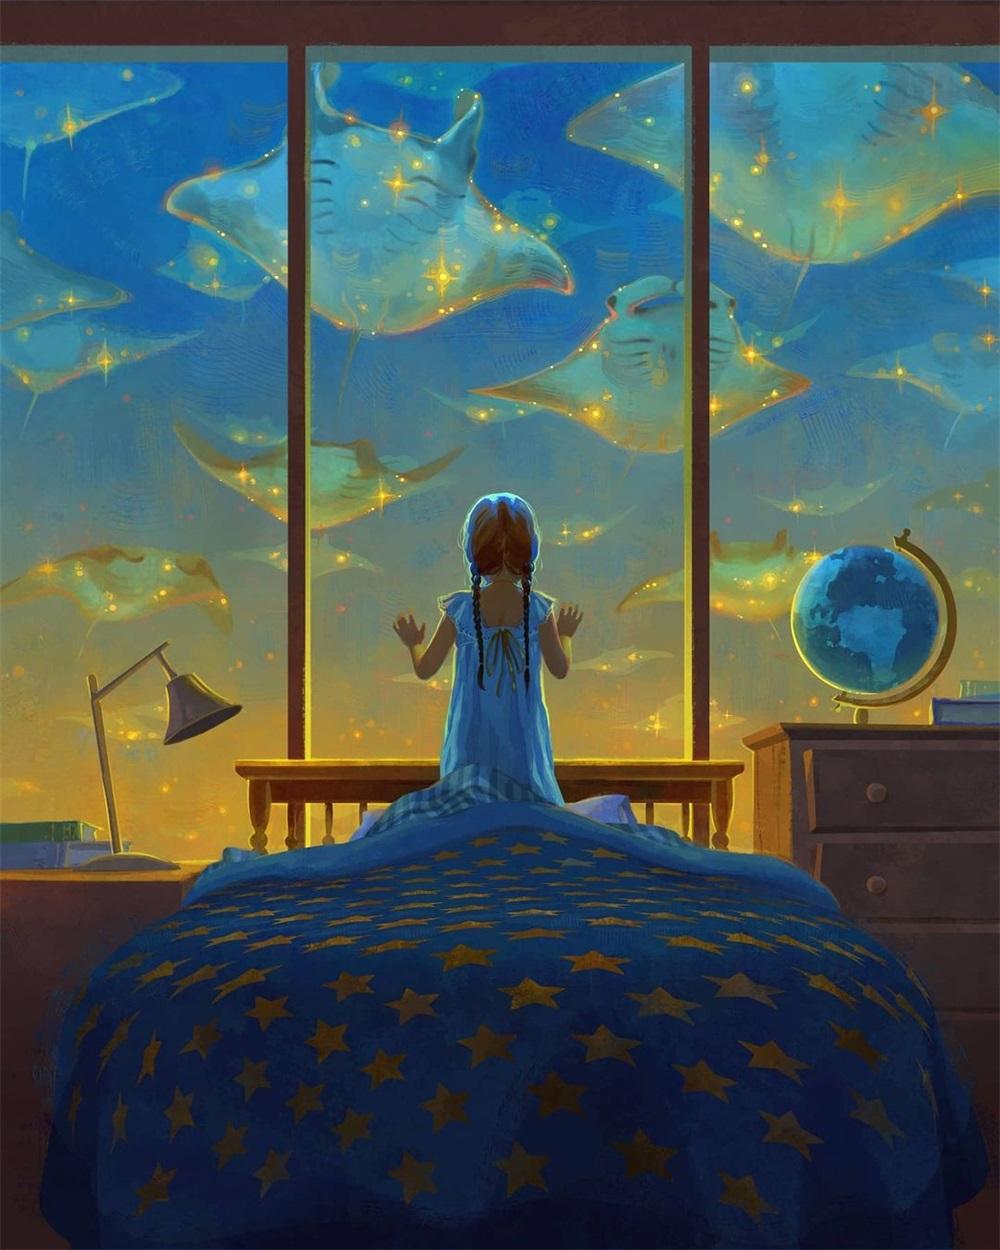 9款梦幻唯美的童话插图